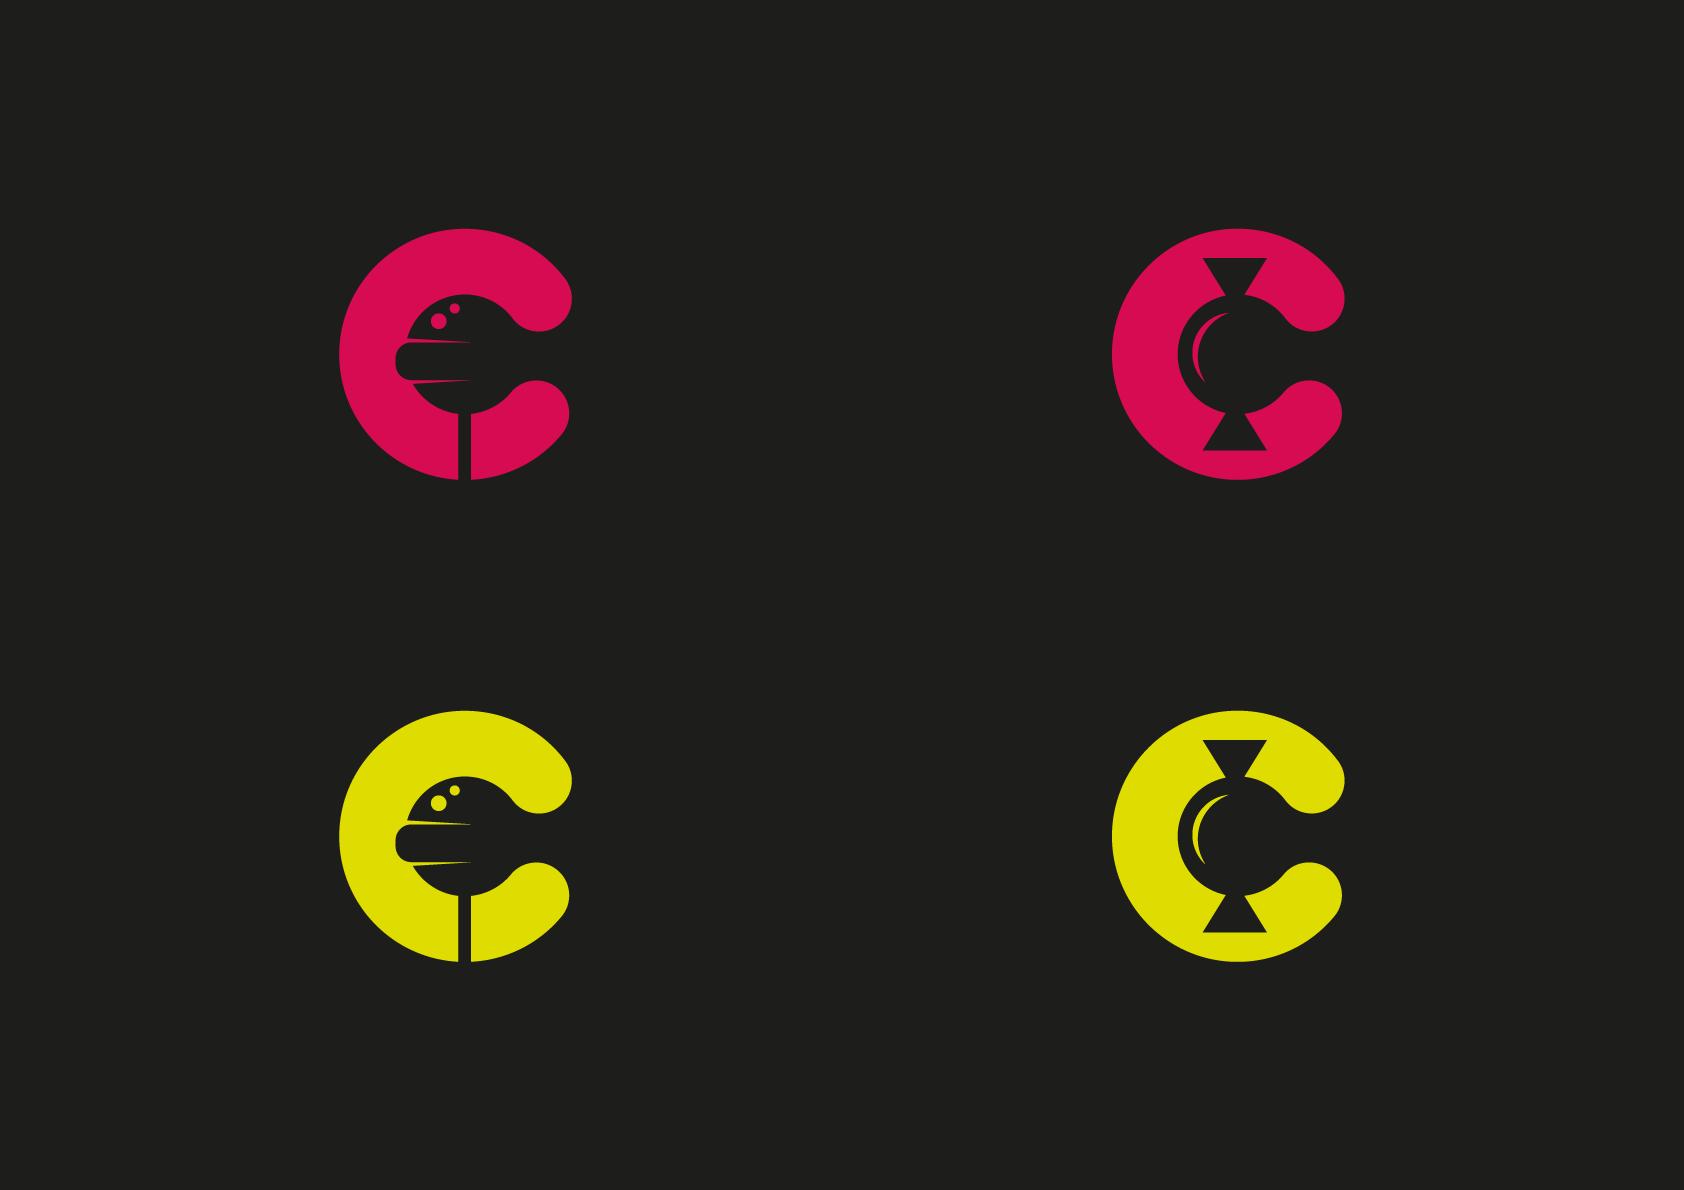 Логотип для международного банка фото f_8375d6e864331060.png